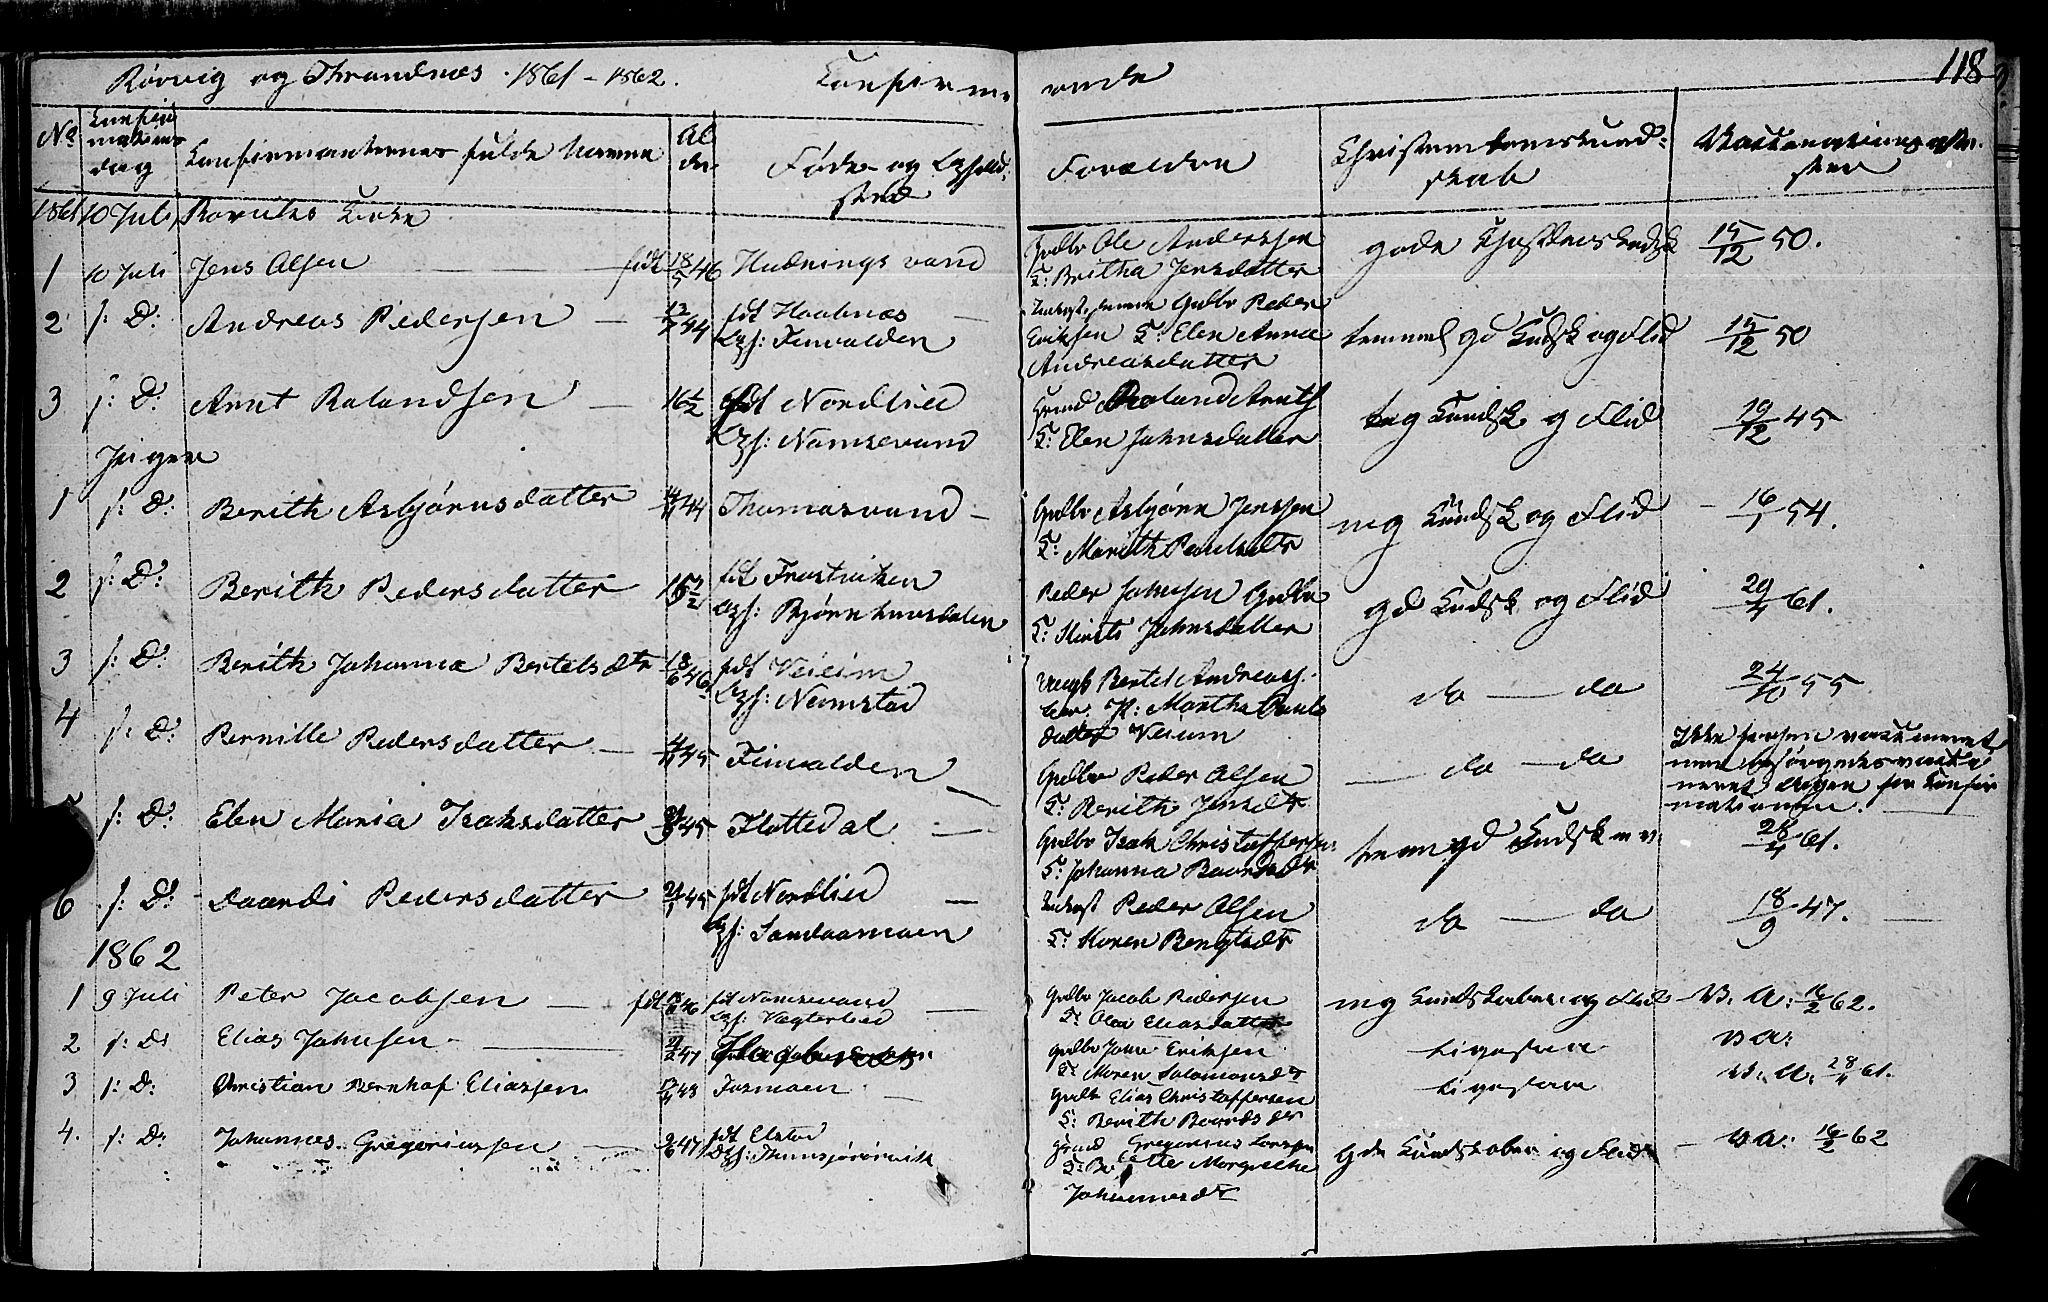 SAT, Ministerialprotokoller, klokkerbøker og fødselsregistre - Nord-Trøndelag, 762/L0538: Ministerialbok nr. 762A02 /1, 1833-1879, s. 118